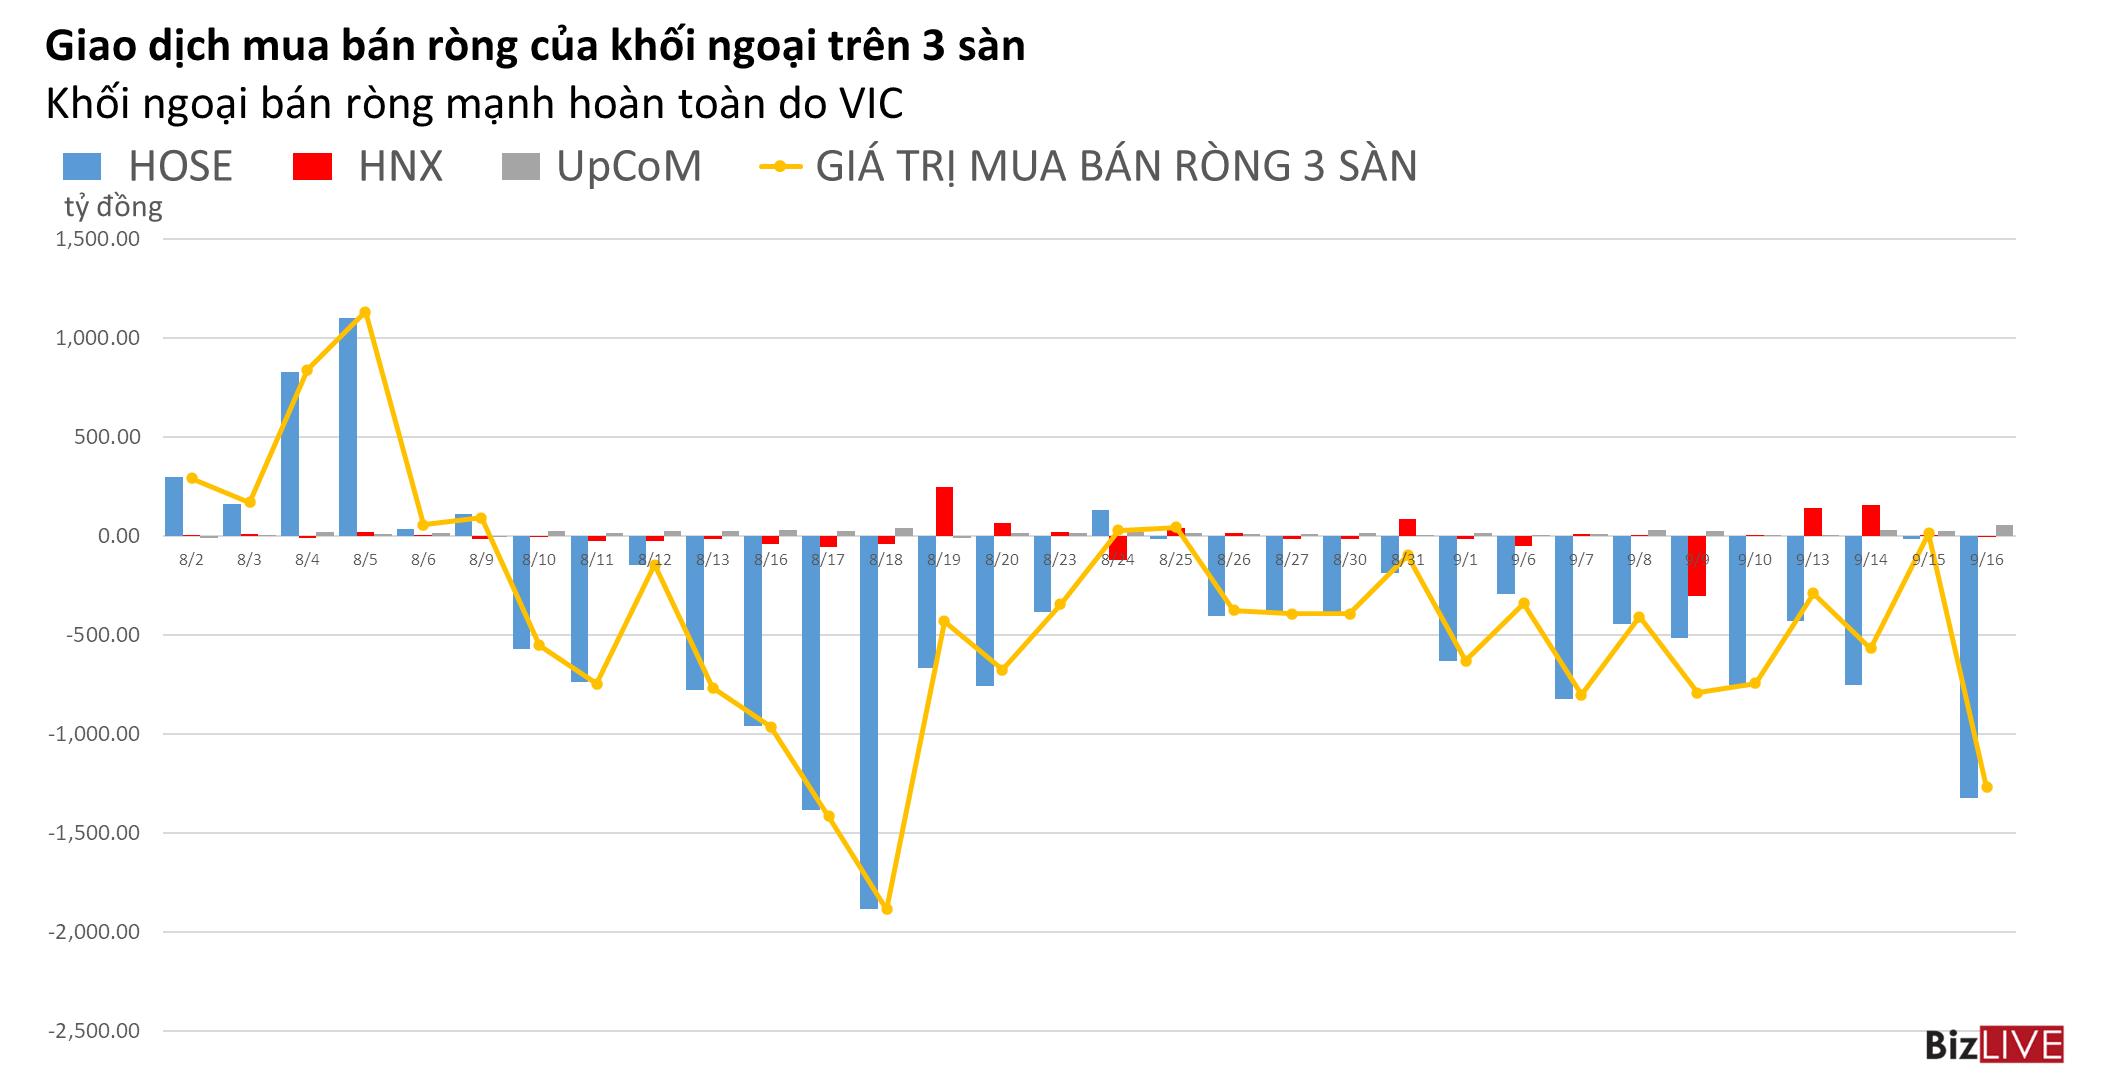 Phiên 16/9: VHM thu hẹp rõ rệt giá trị bán ròng, VIC lại bị xả ra hơn 1.000 tỷ đồng